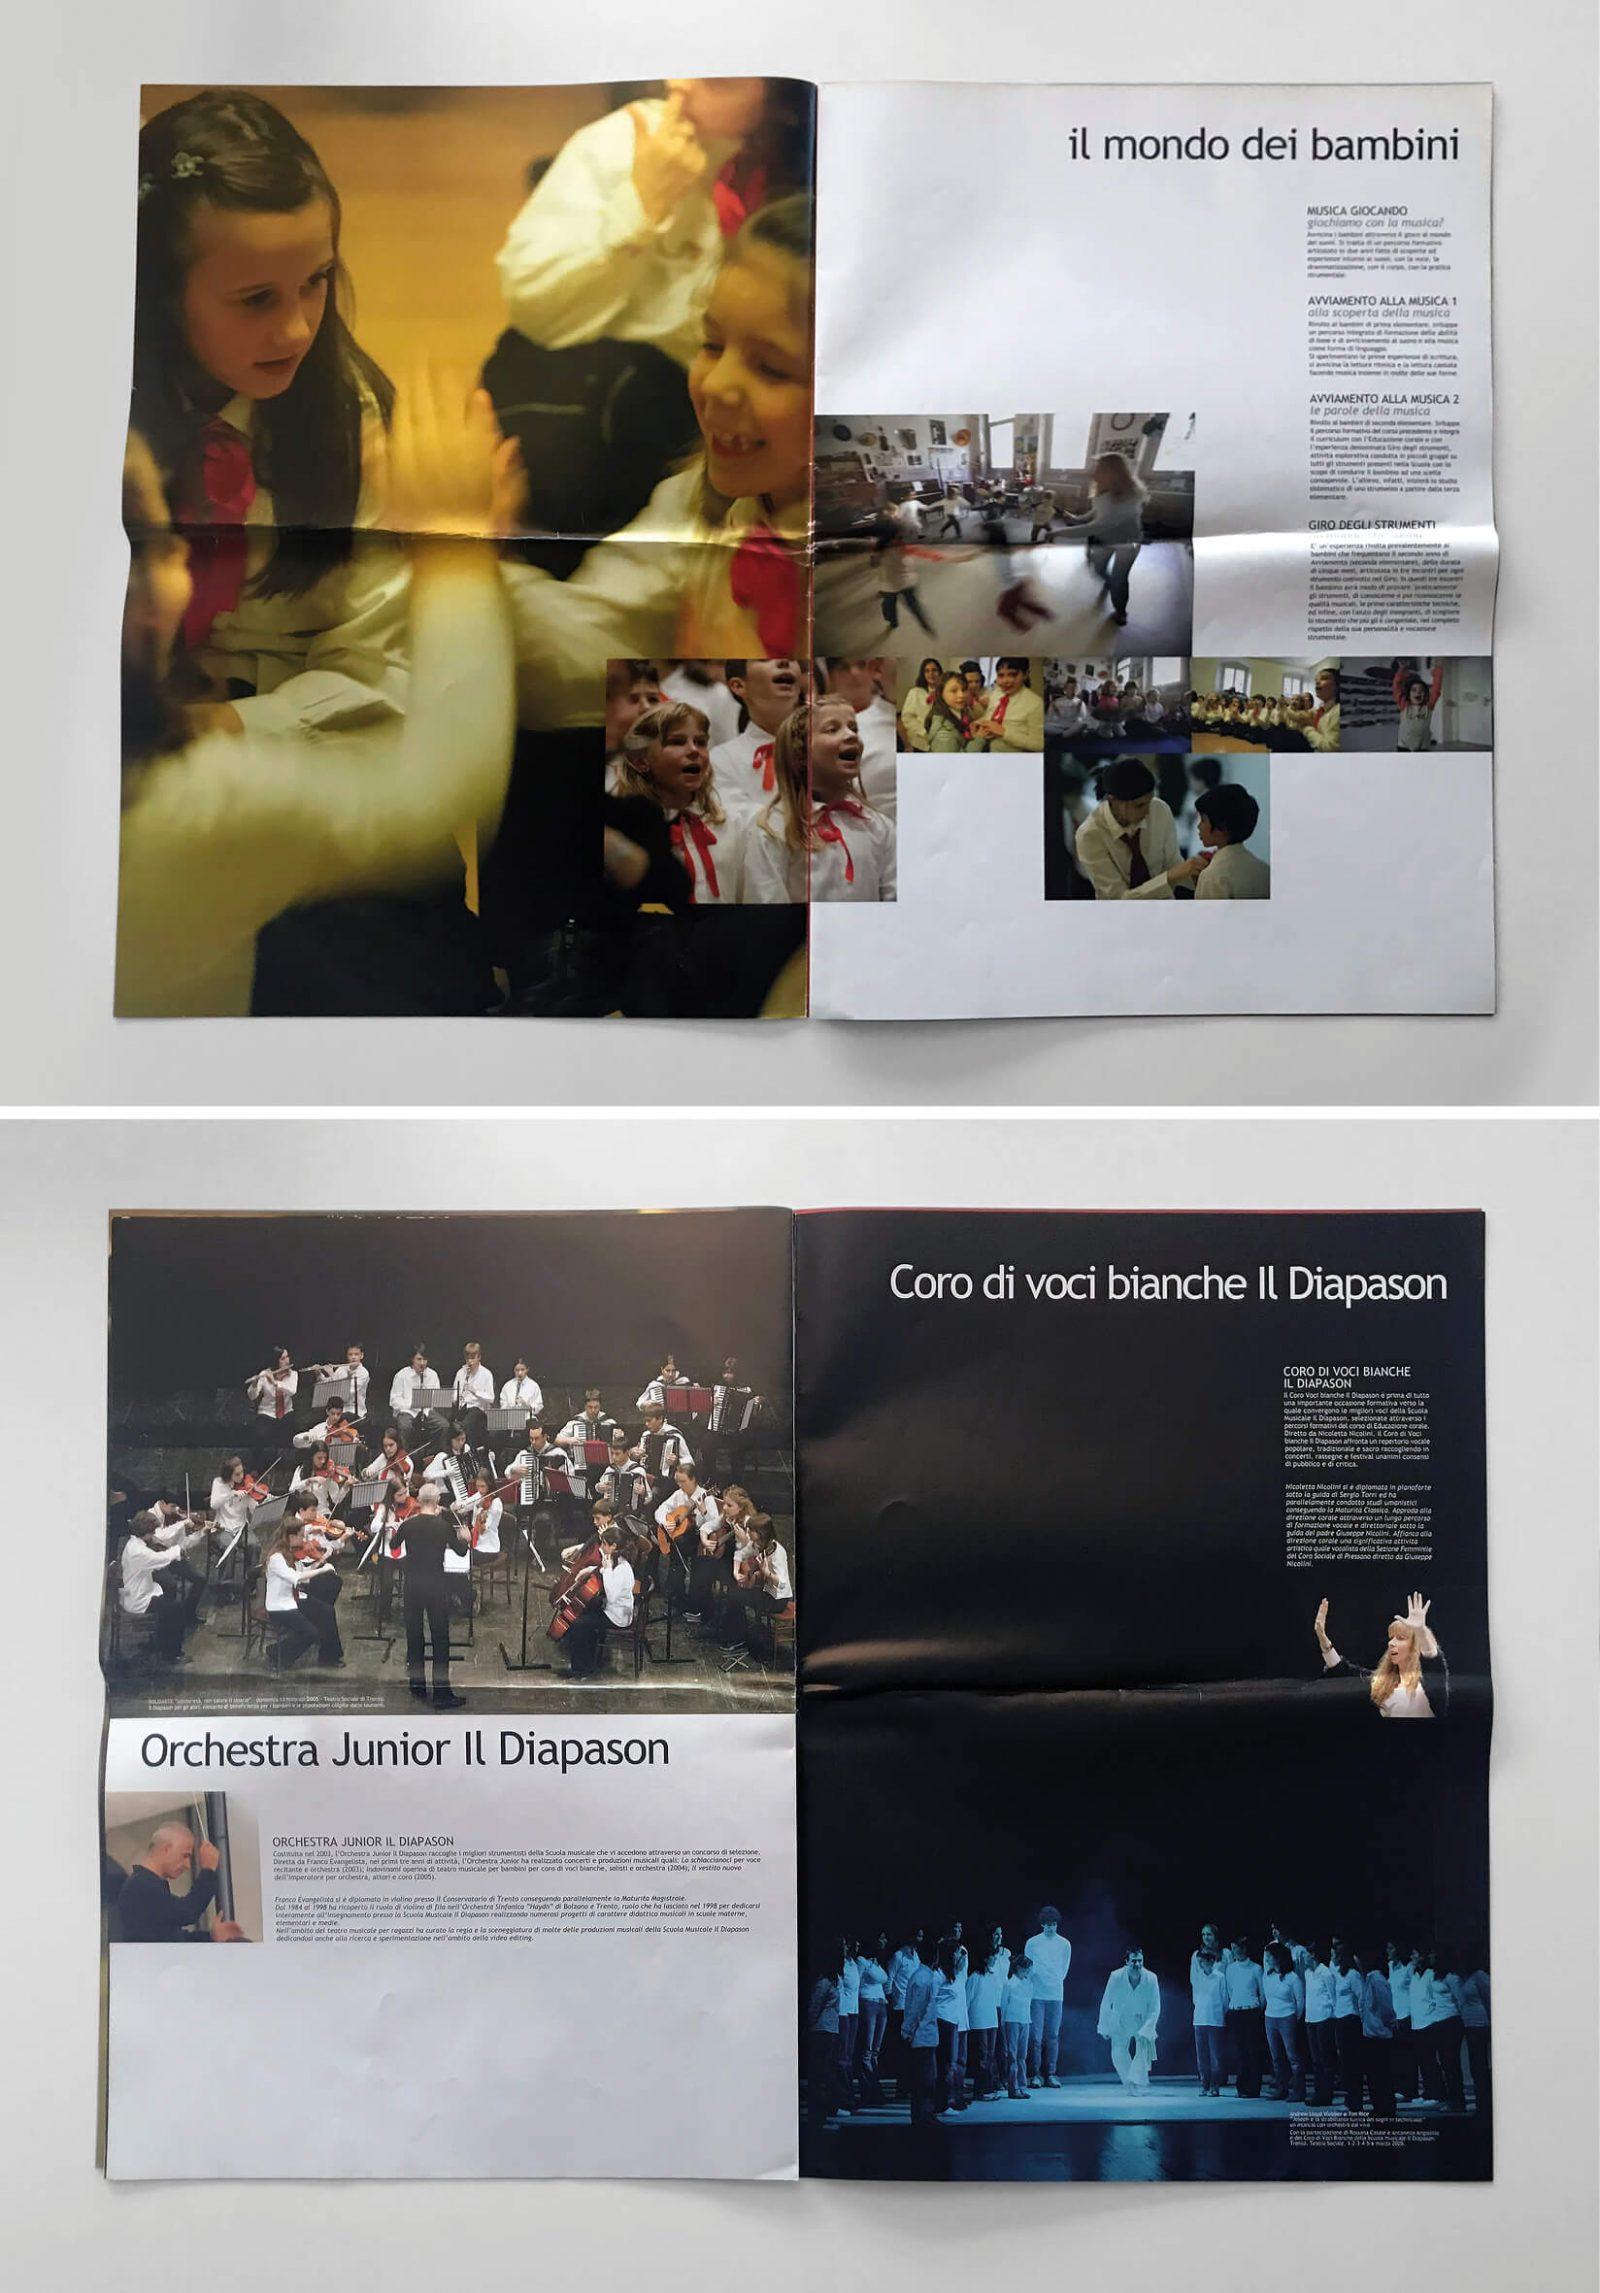 pagine del magazine scuola musicale diapason, in formato tabloid, progettato dalla agenzia di comunicazione grafica diadestudio arco di trento